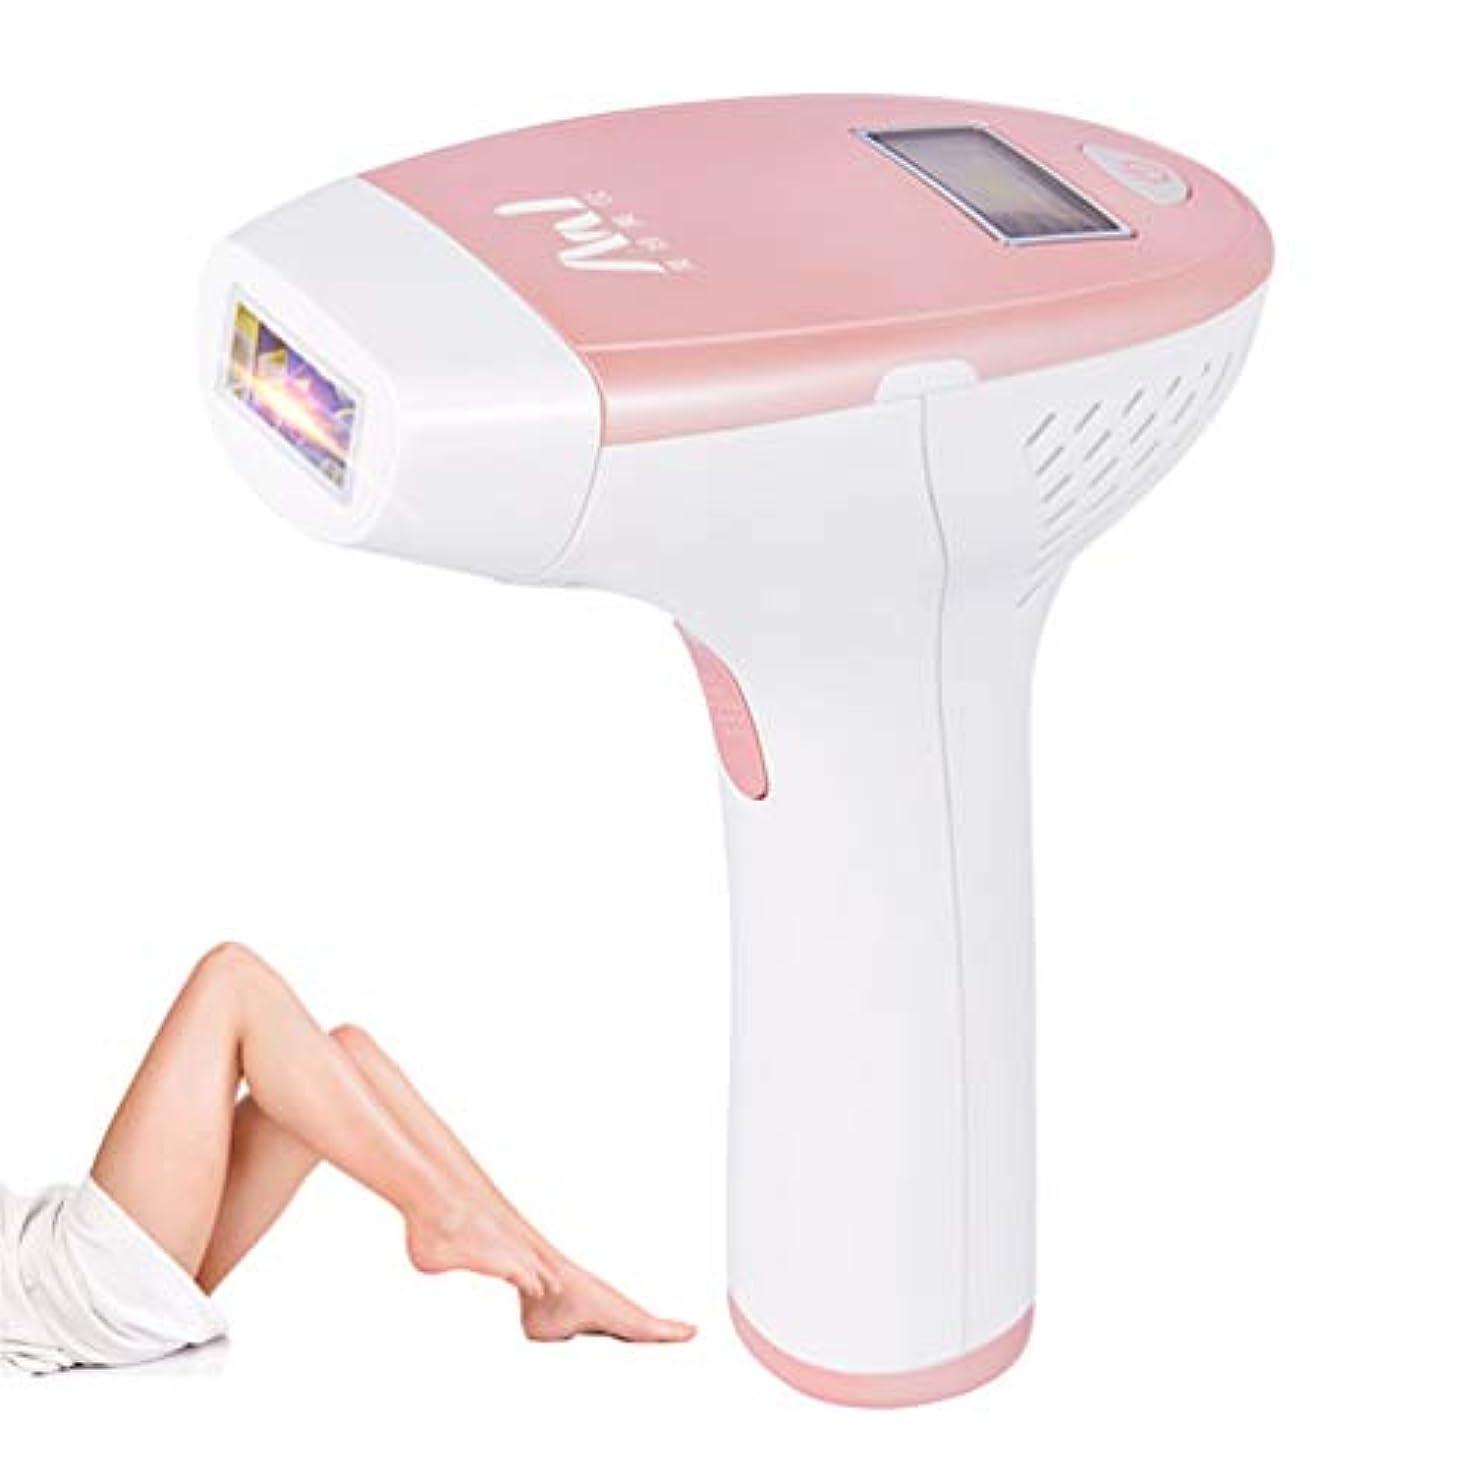 たぶんに同意する自発女性の男性の体の顔とビキニ脇の下にレーザー痛みのない永久的な美容デバイスの脱毛システムレーザー脱毛装置